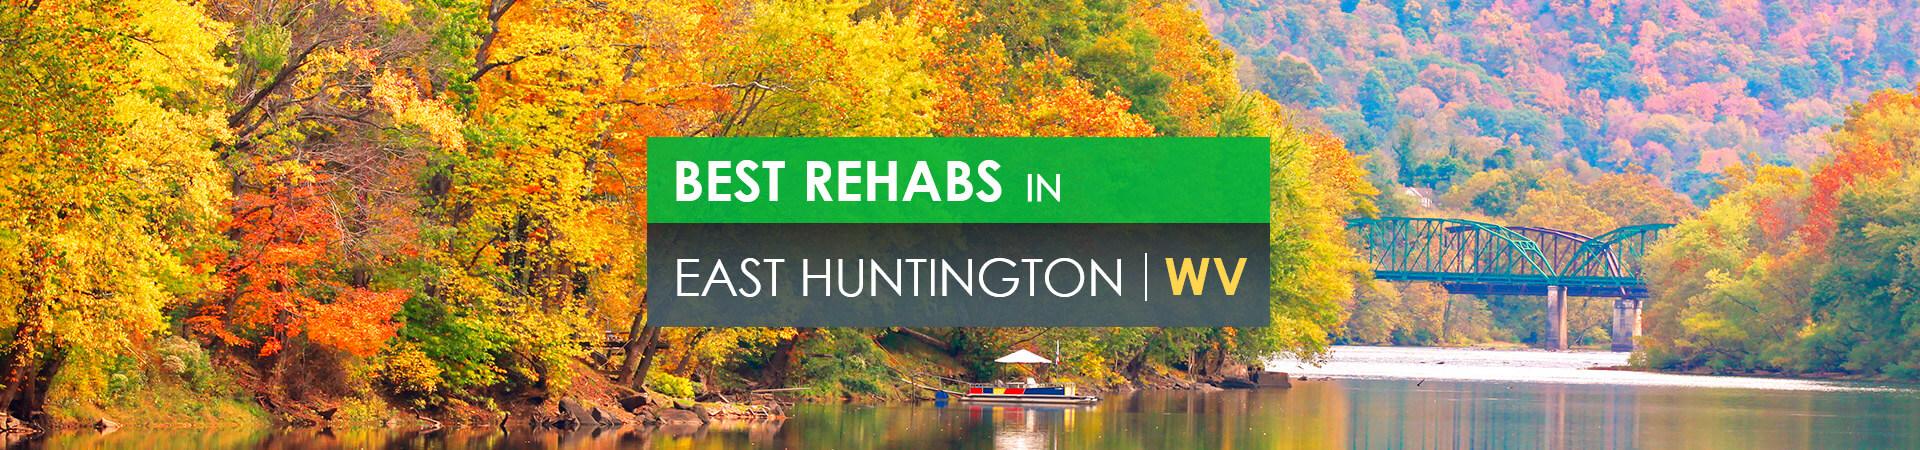 Best rehabs in East Huntington, WV